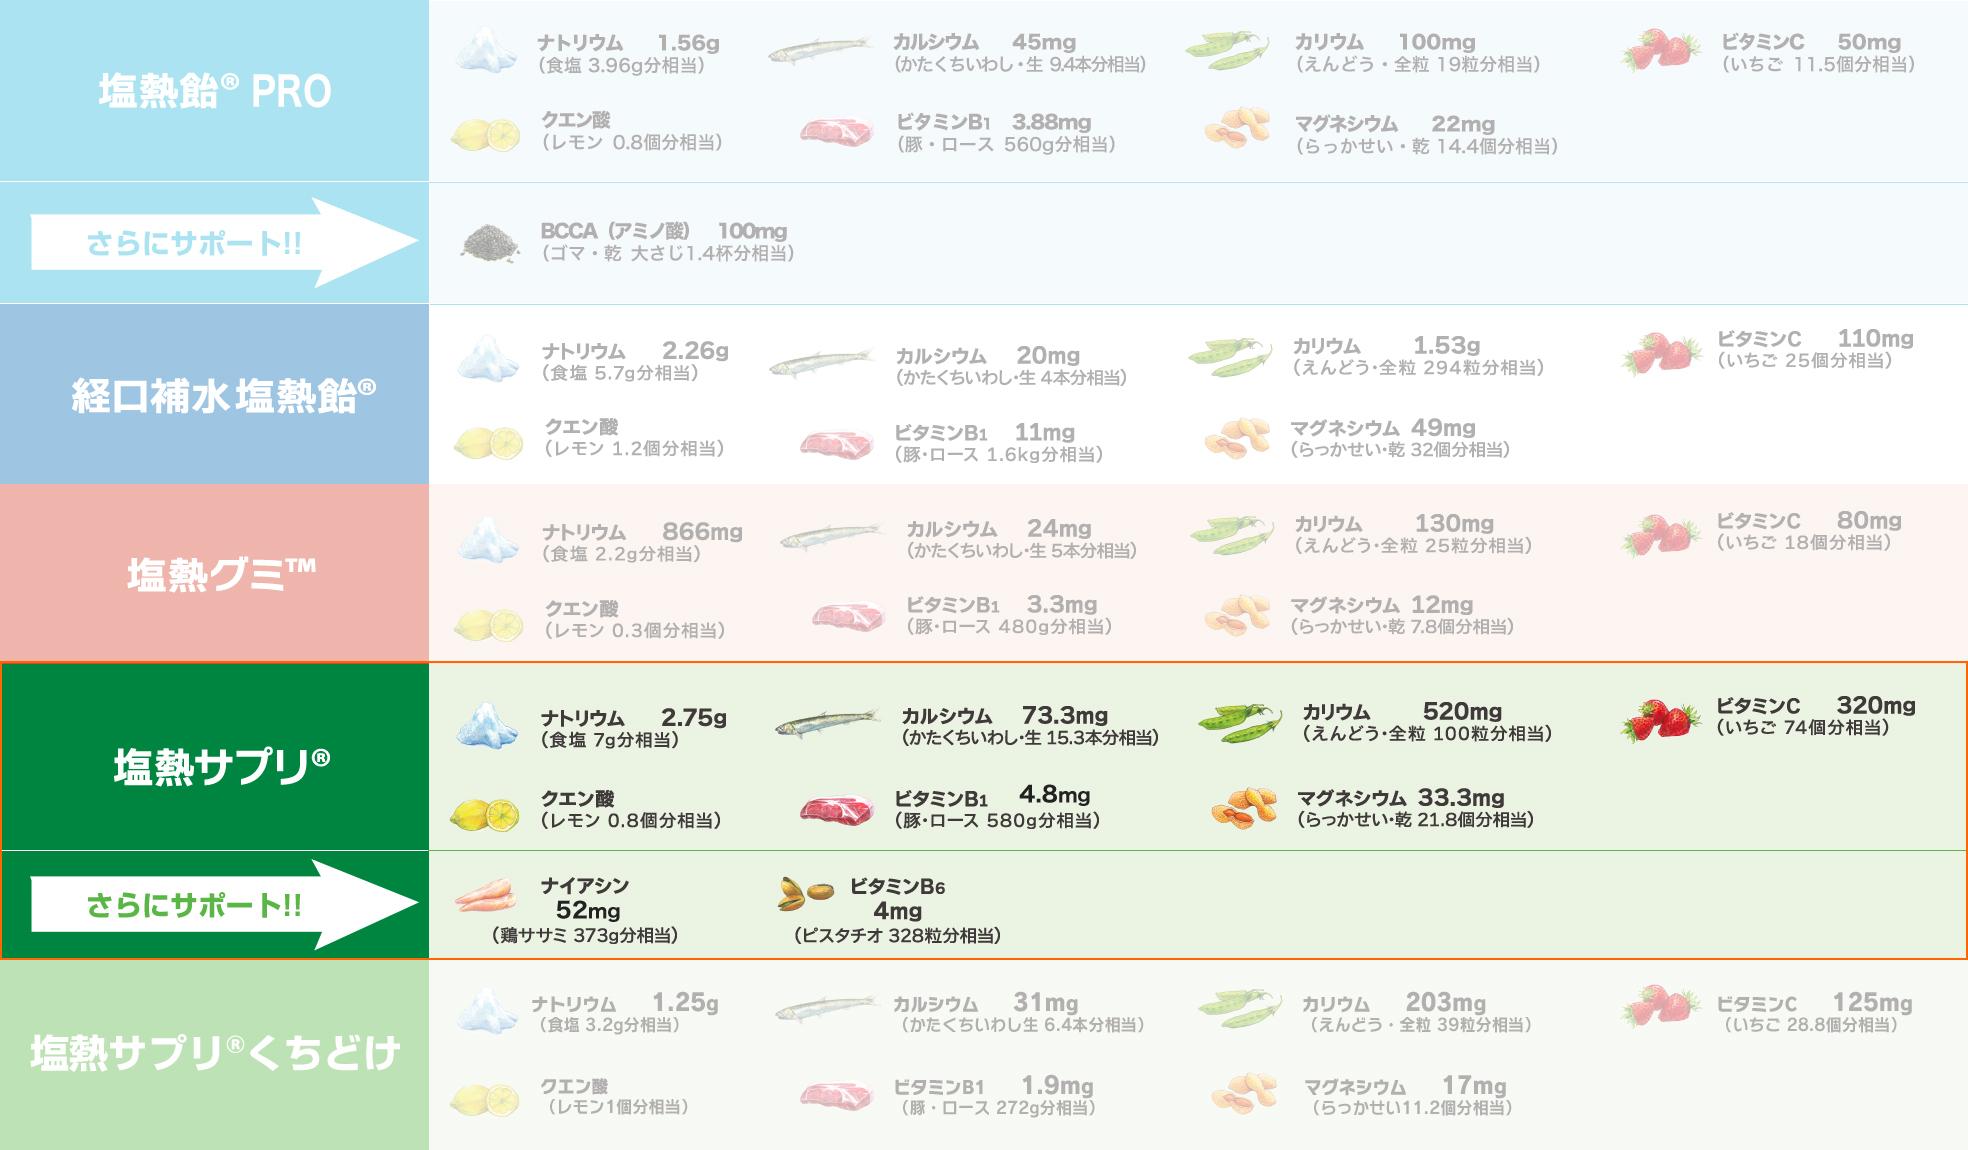 ※表は、塩熱飴®PRO、経口補水塩熱飴®、塩熱グミ™、塩熱サプリ®、塩熱サプリ®くちどけ100g中における栄養成分値を一般的な食品に換算したものです。表中の食品が製品に含まれるわけではありません。 ※出典:日本食品標準成分表五訂(文部科学省)、食品番号(厚生労働省)/ *相当分は、可食部として。